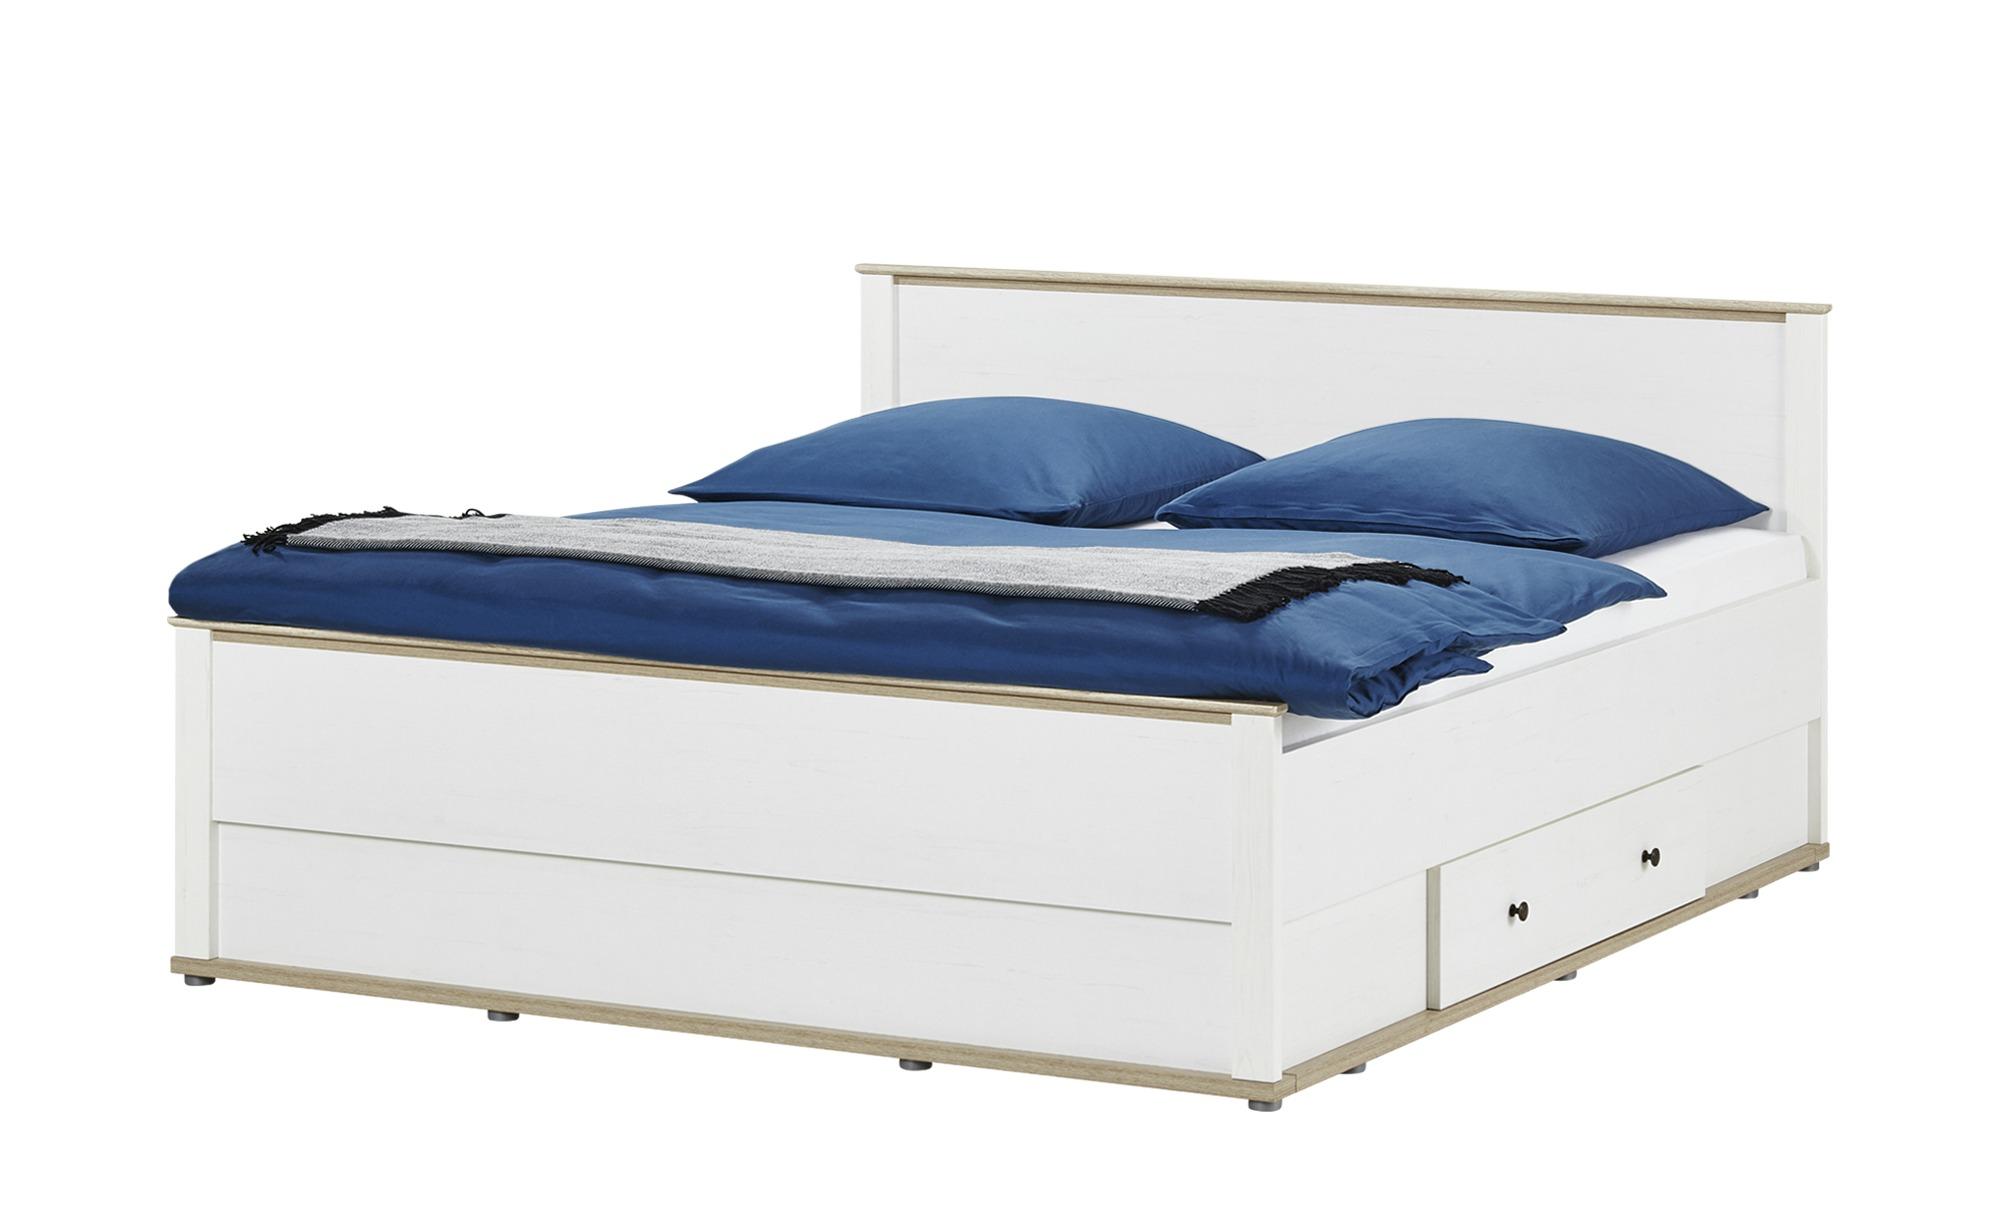 Doppelbett 180x200 - weiß - Lärche/Eiche (Optik) Carmen ¦ weiß ¦ Maße (cm): B: 188 H: 96 T: 206,5 Betten > Futonbetten - Höffner